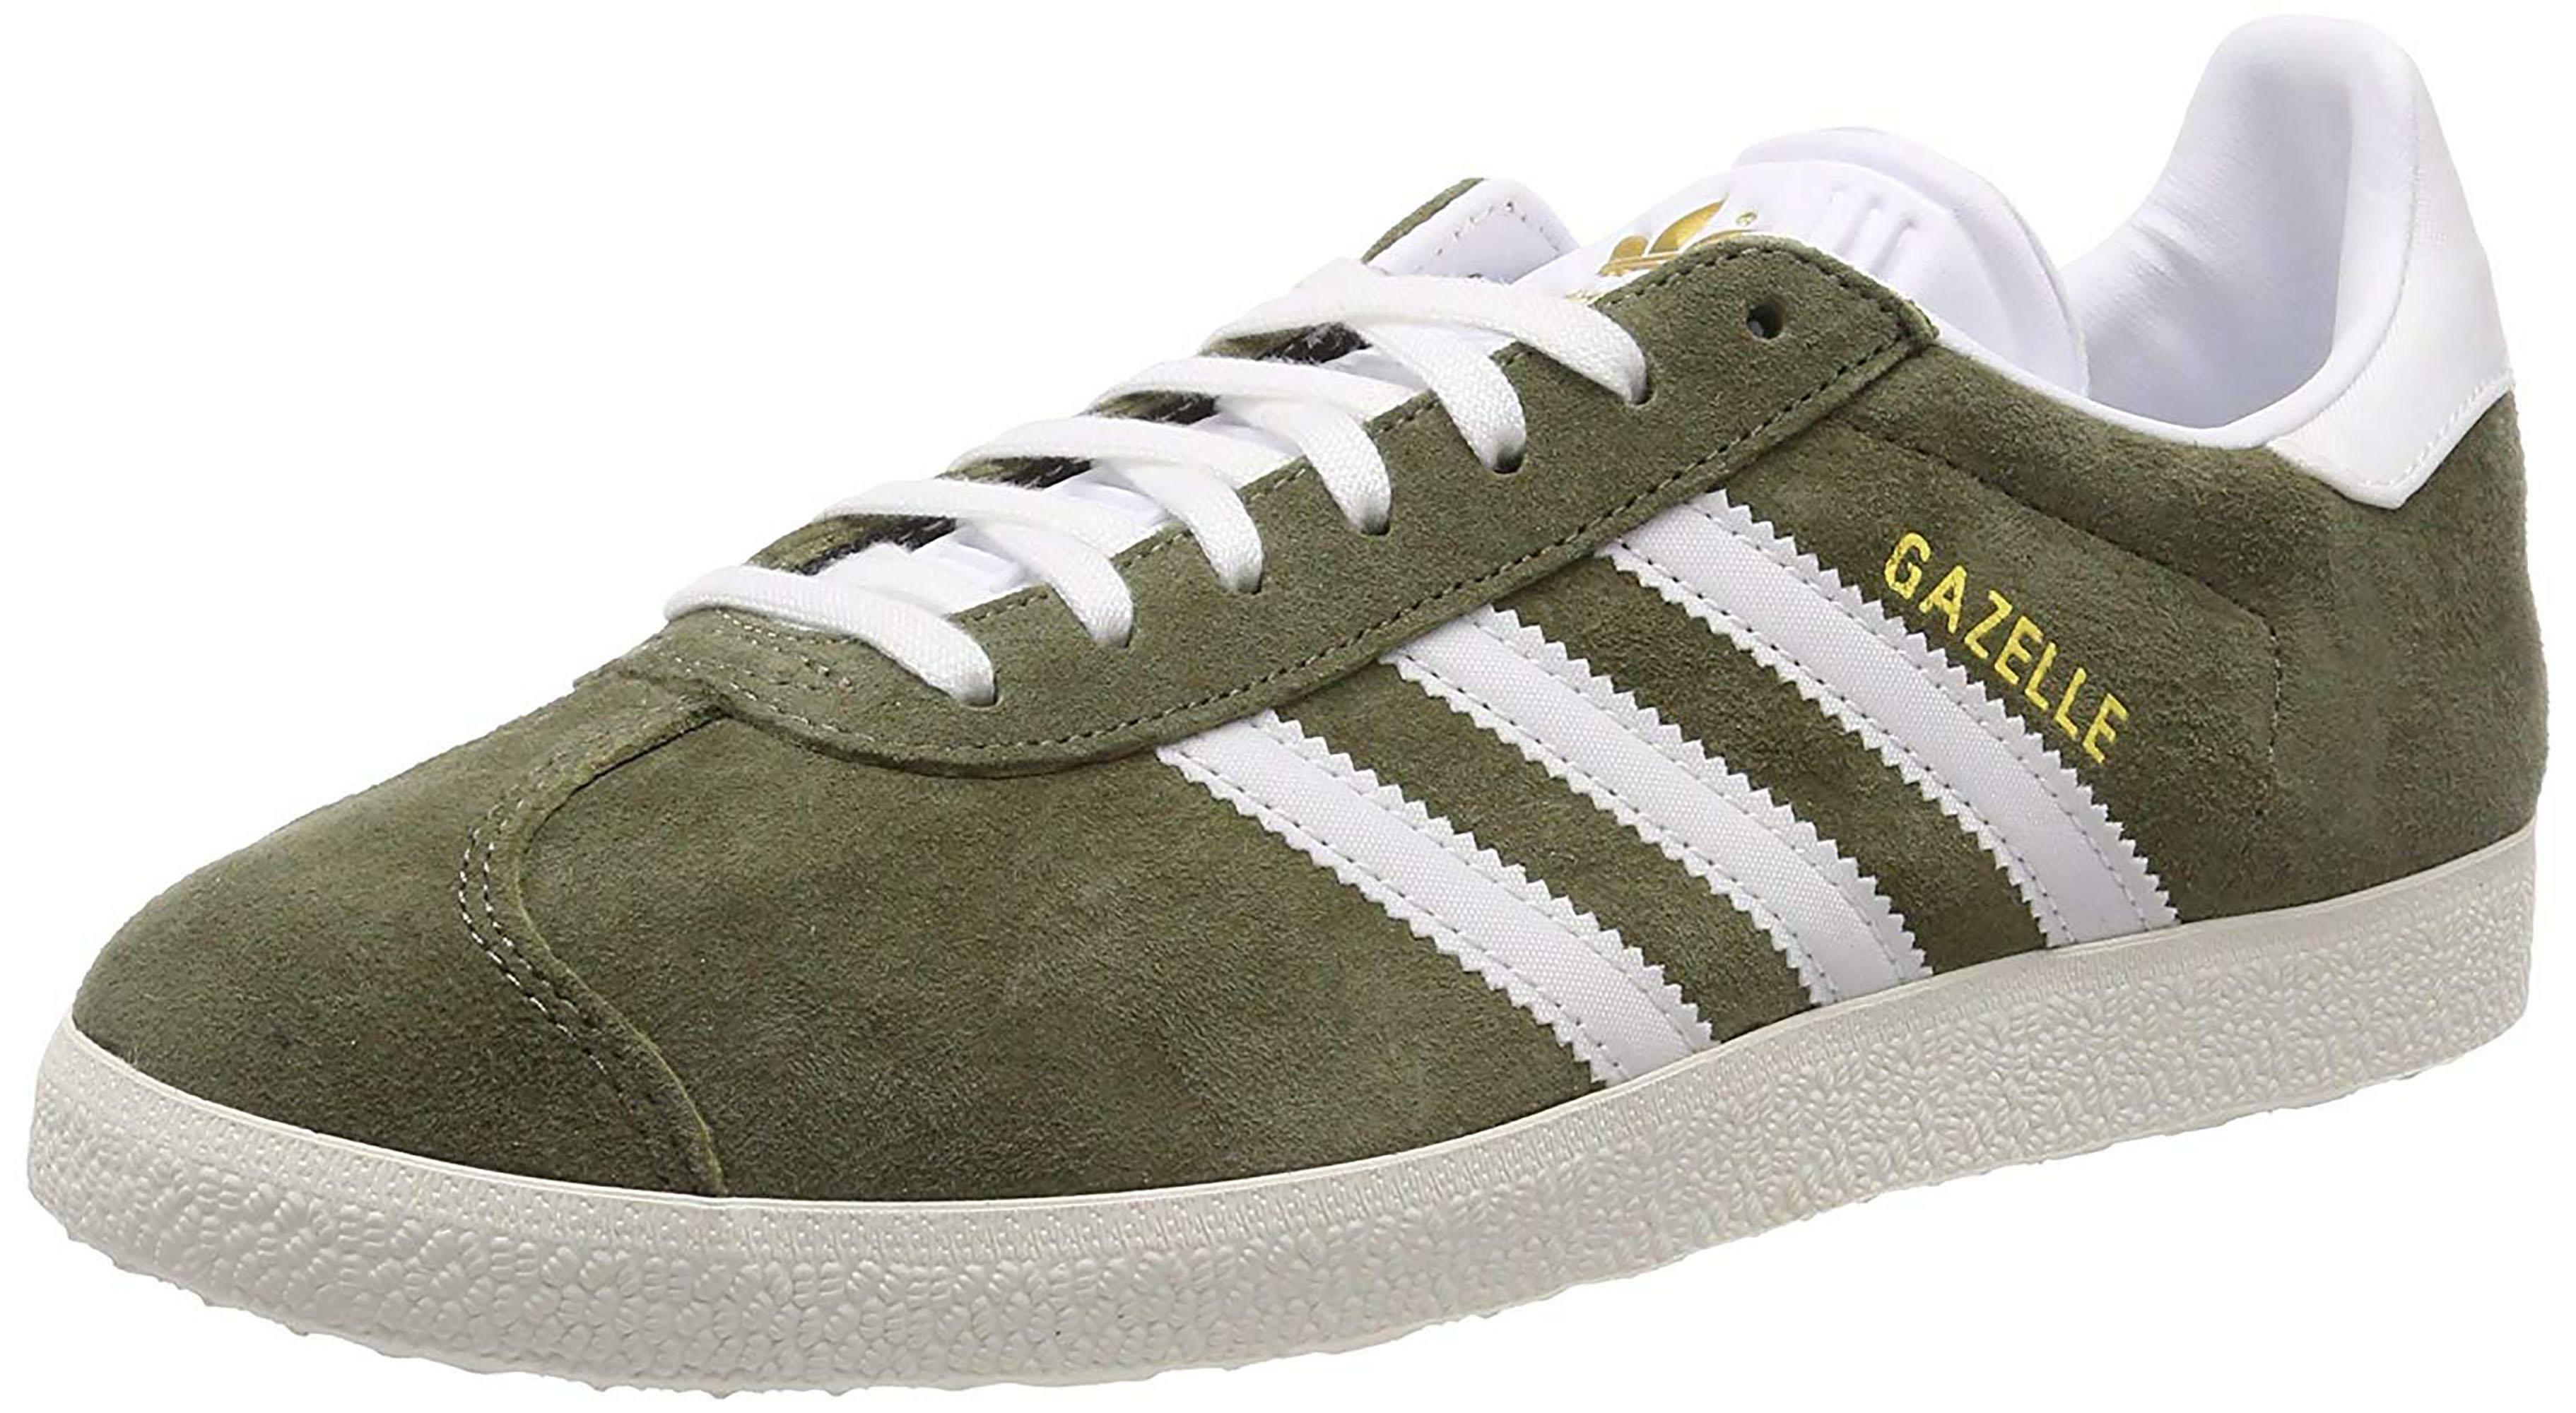 d9f43a7899 ADIDAS Gazelle Chaussures de sport vert pour Femme CG6062 | eBay